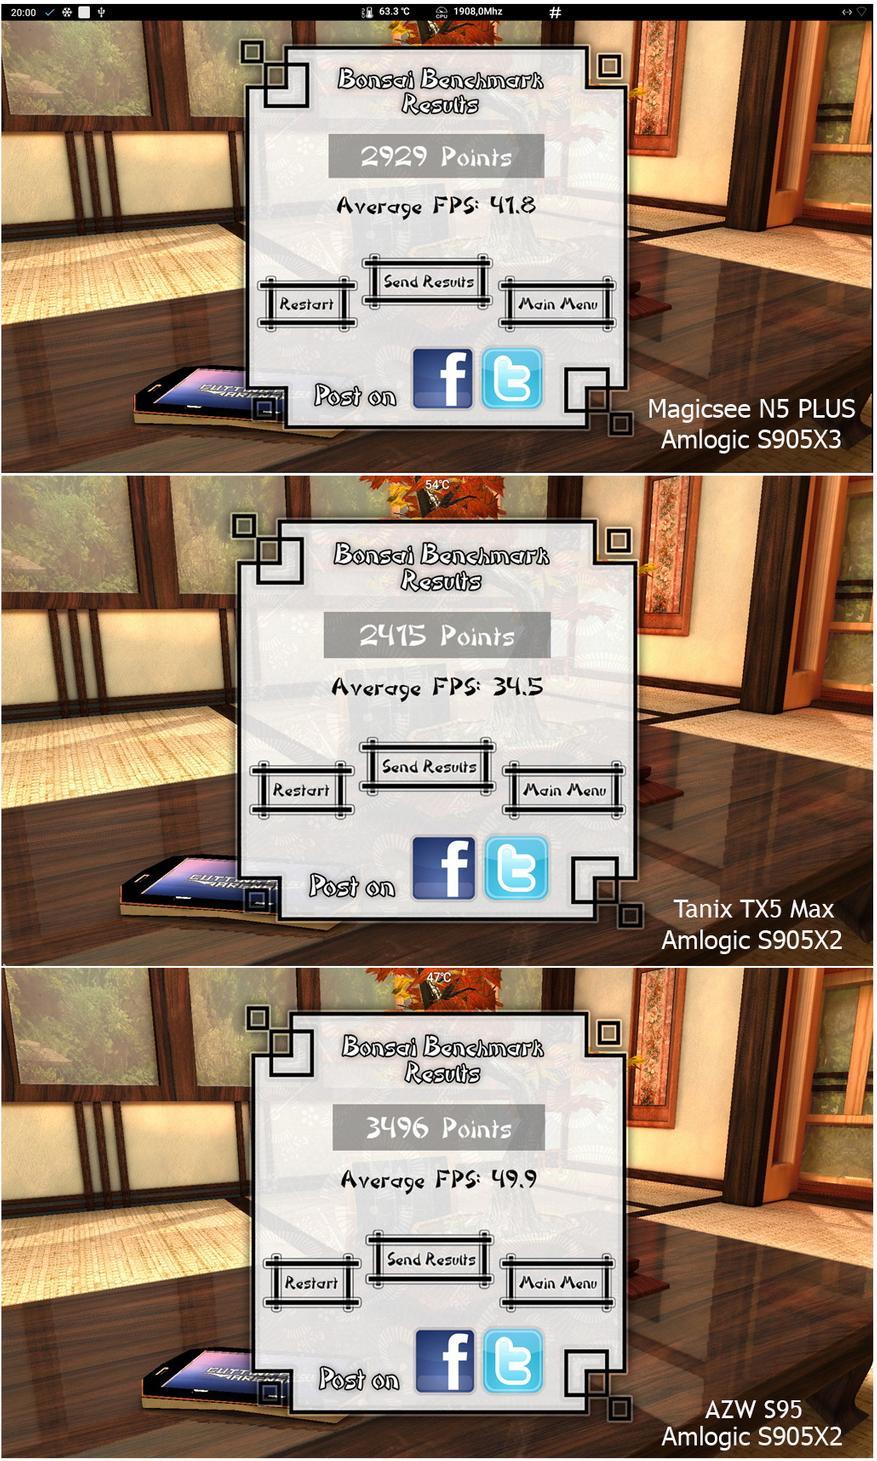 صندوق التلفزيون Magicsee N5 Plus: أملوجيك S905X3 ، خليج SSD / HDD ، MIMO 2 × 2 48